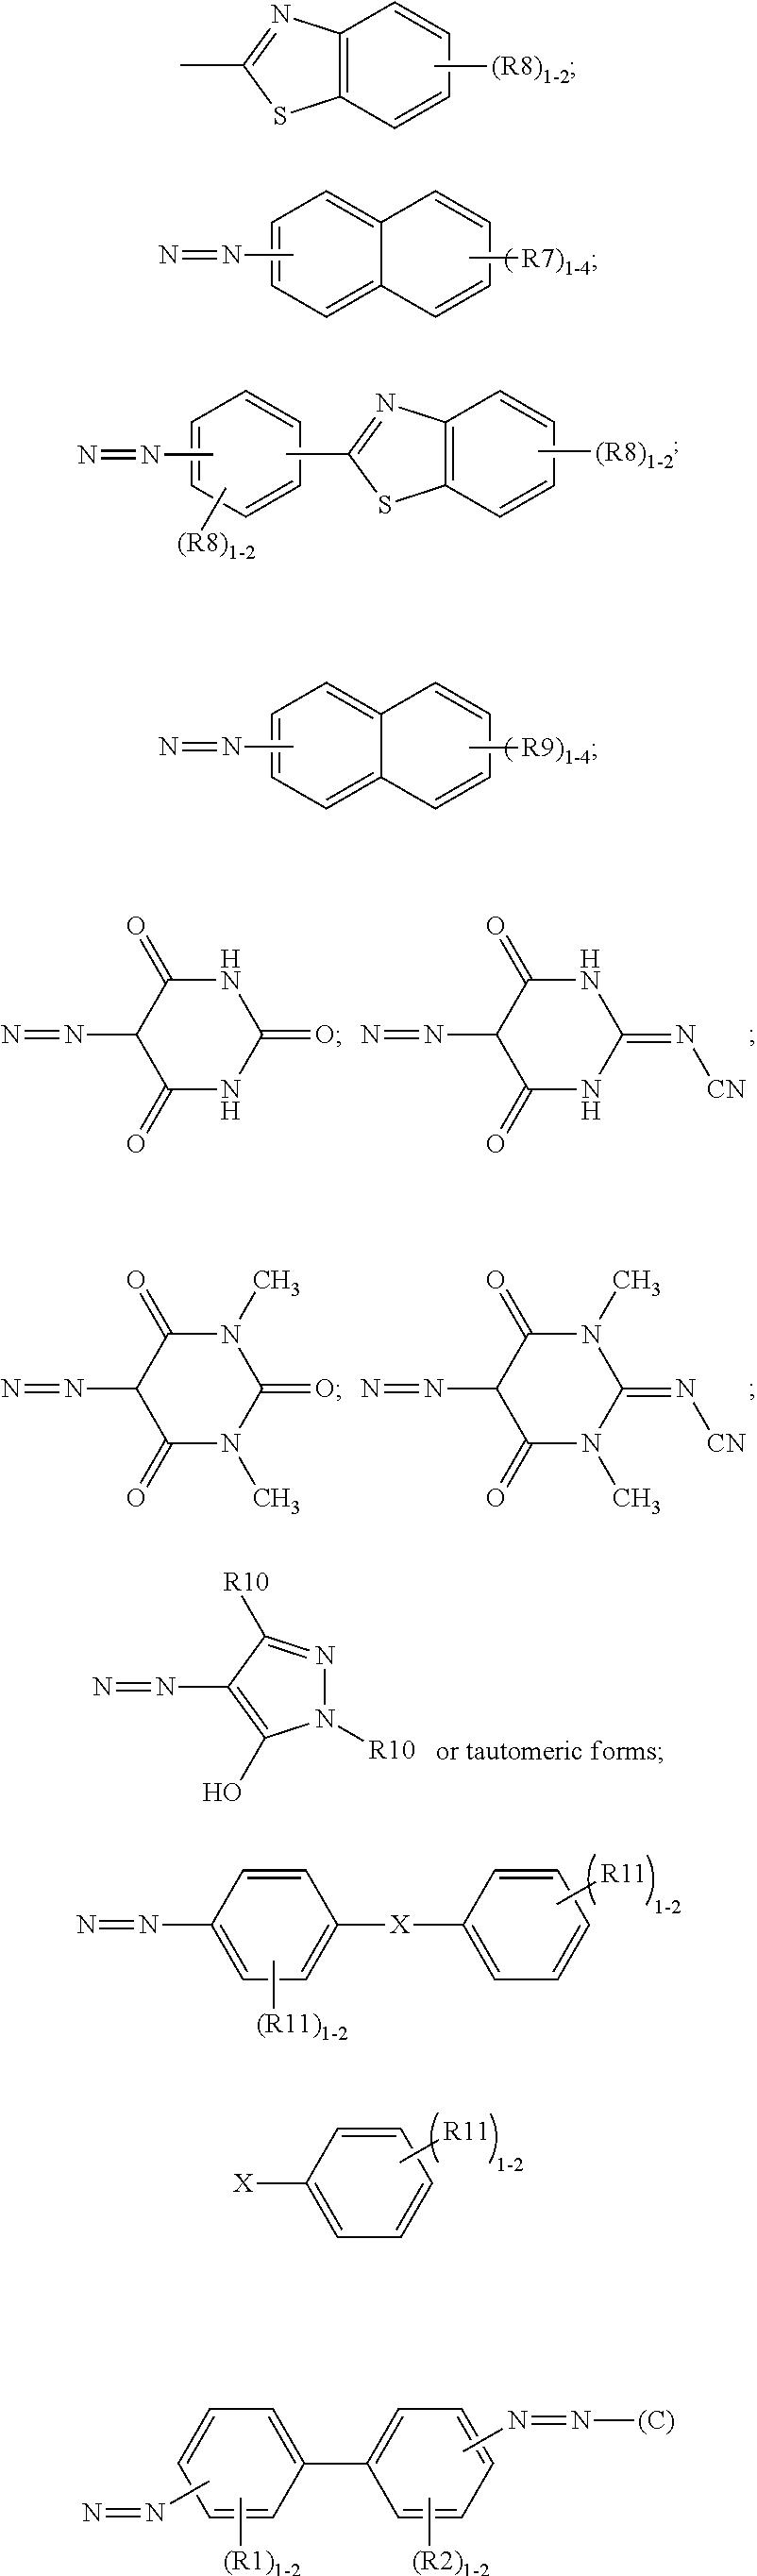 Figure US08734532-20140527-C00003